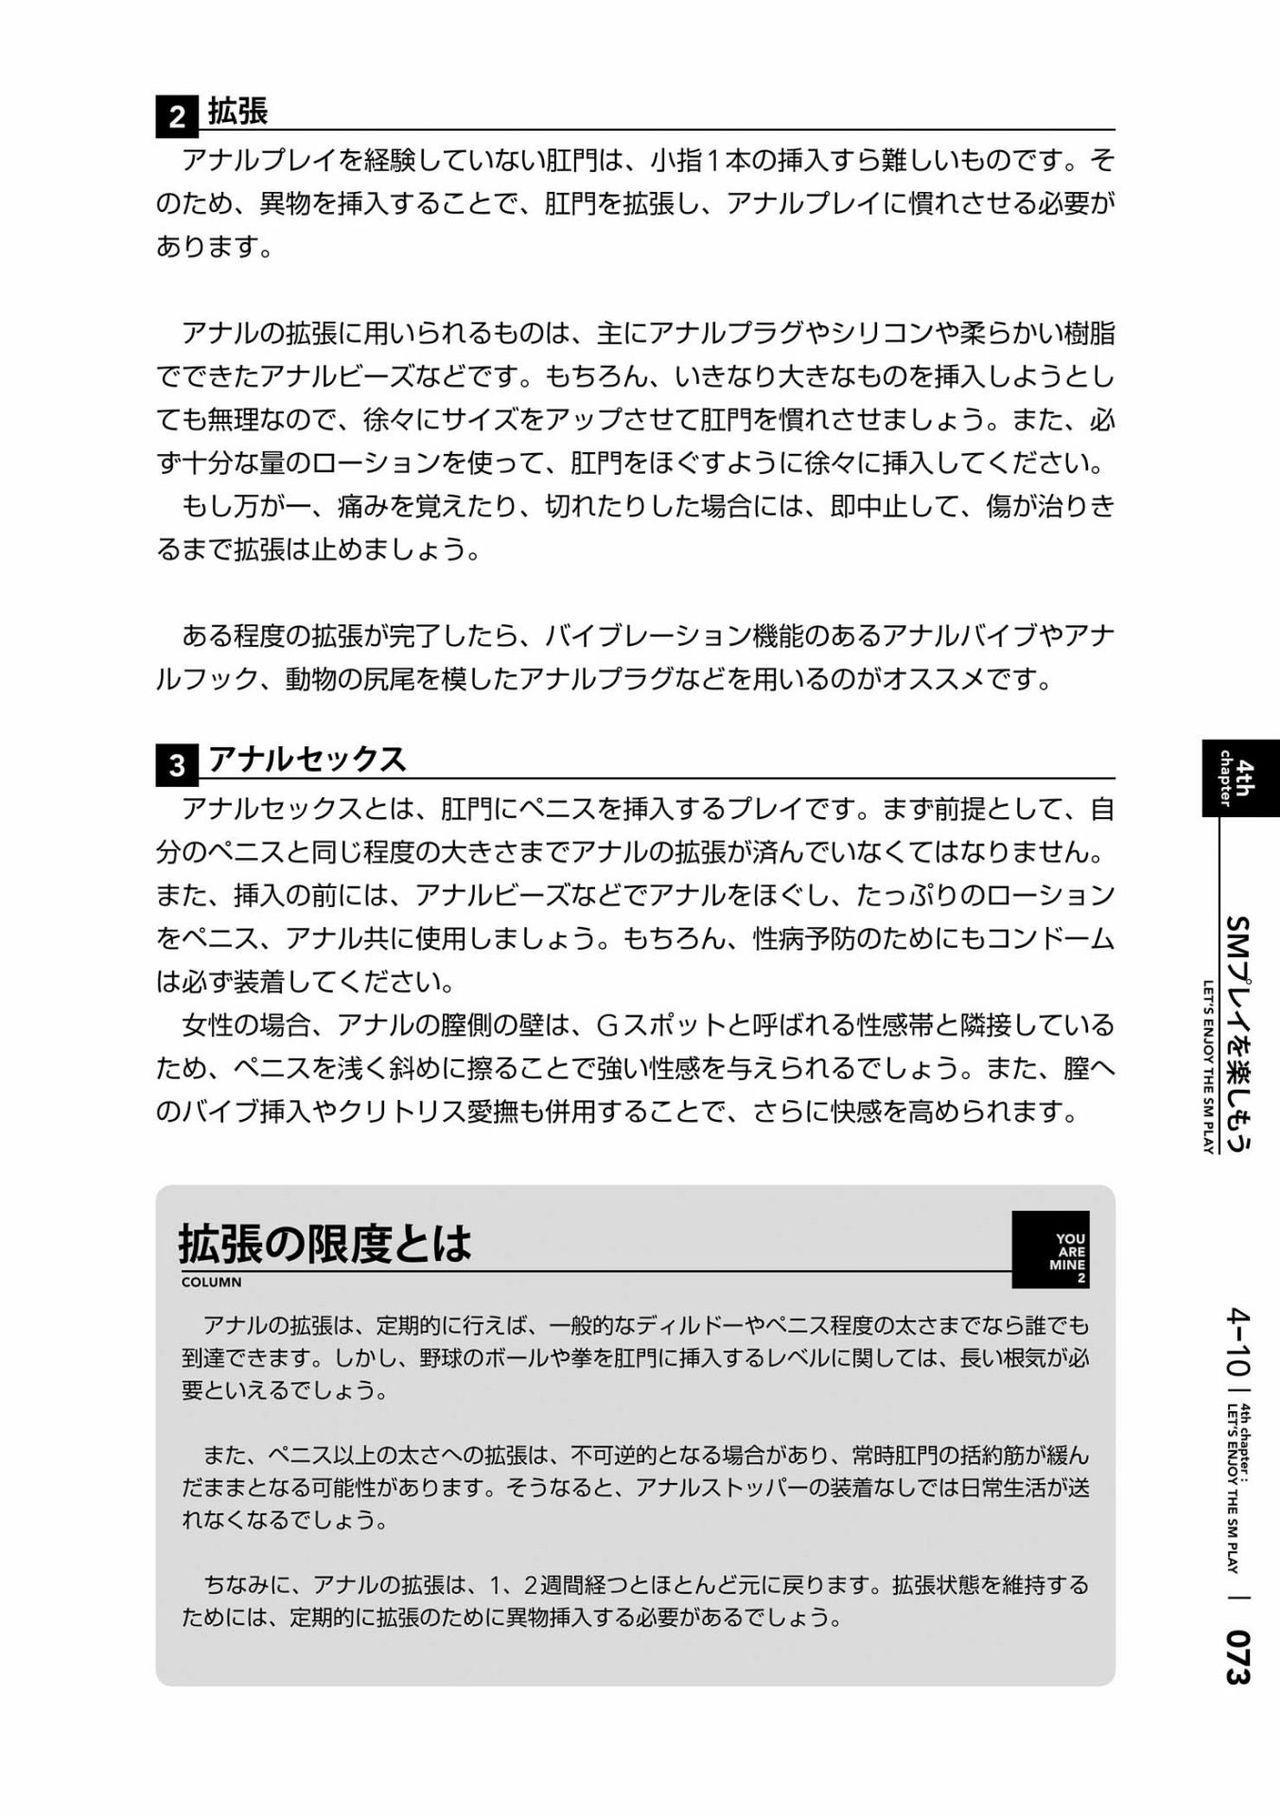 [Mitsuba] Karada mo Kokoro mo Boku no Mono ~Hajimete no SM Guide~ 2 [Digital] 75